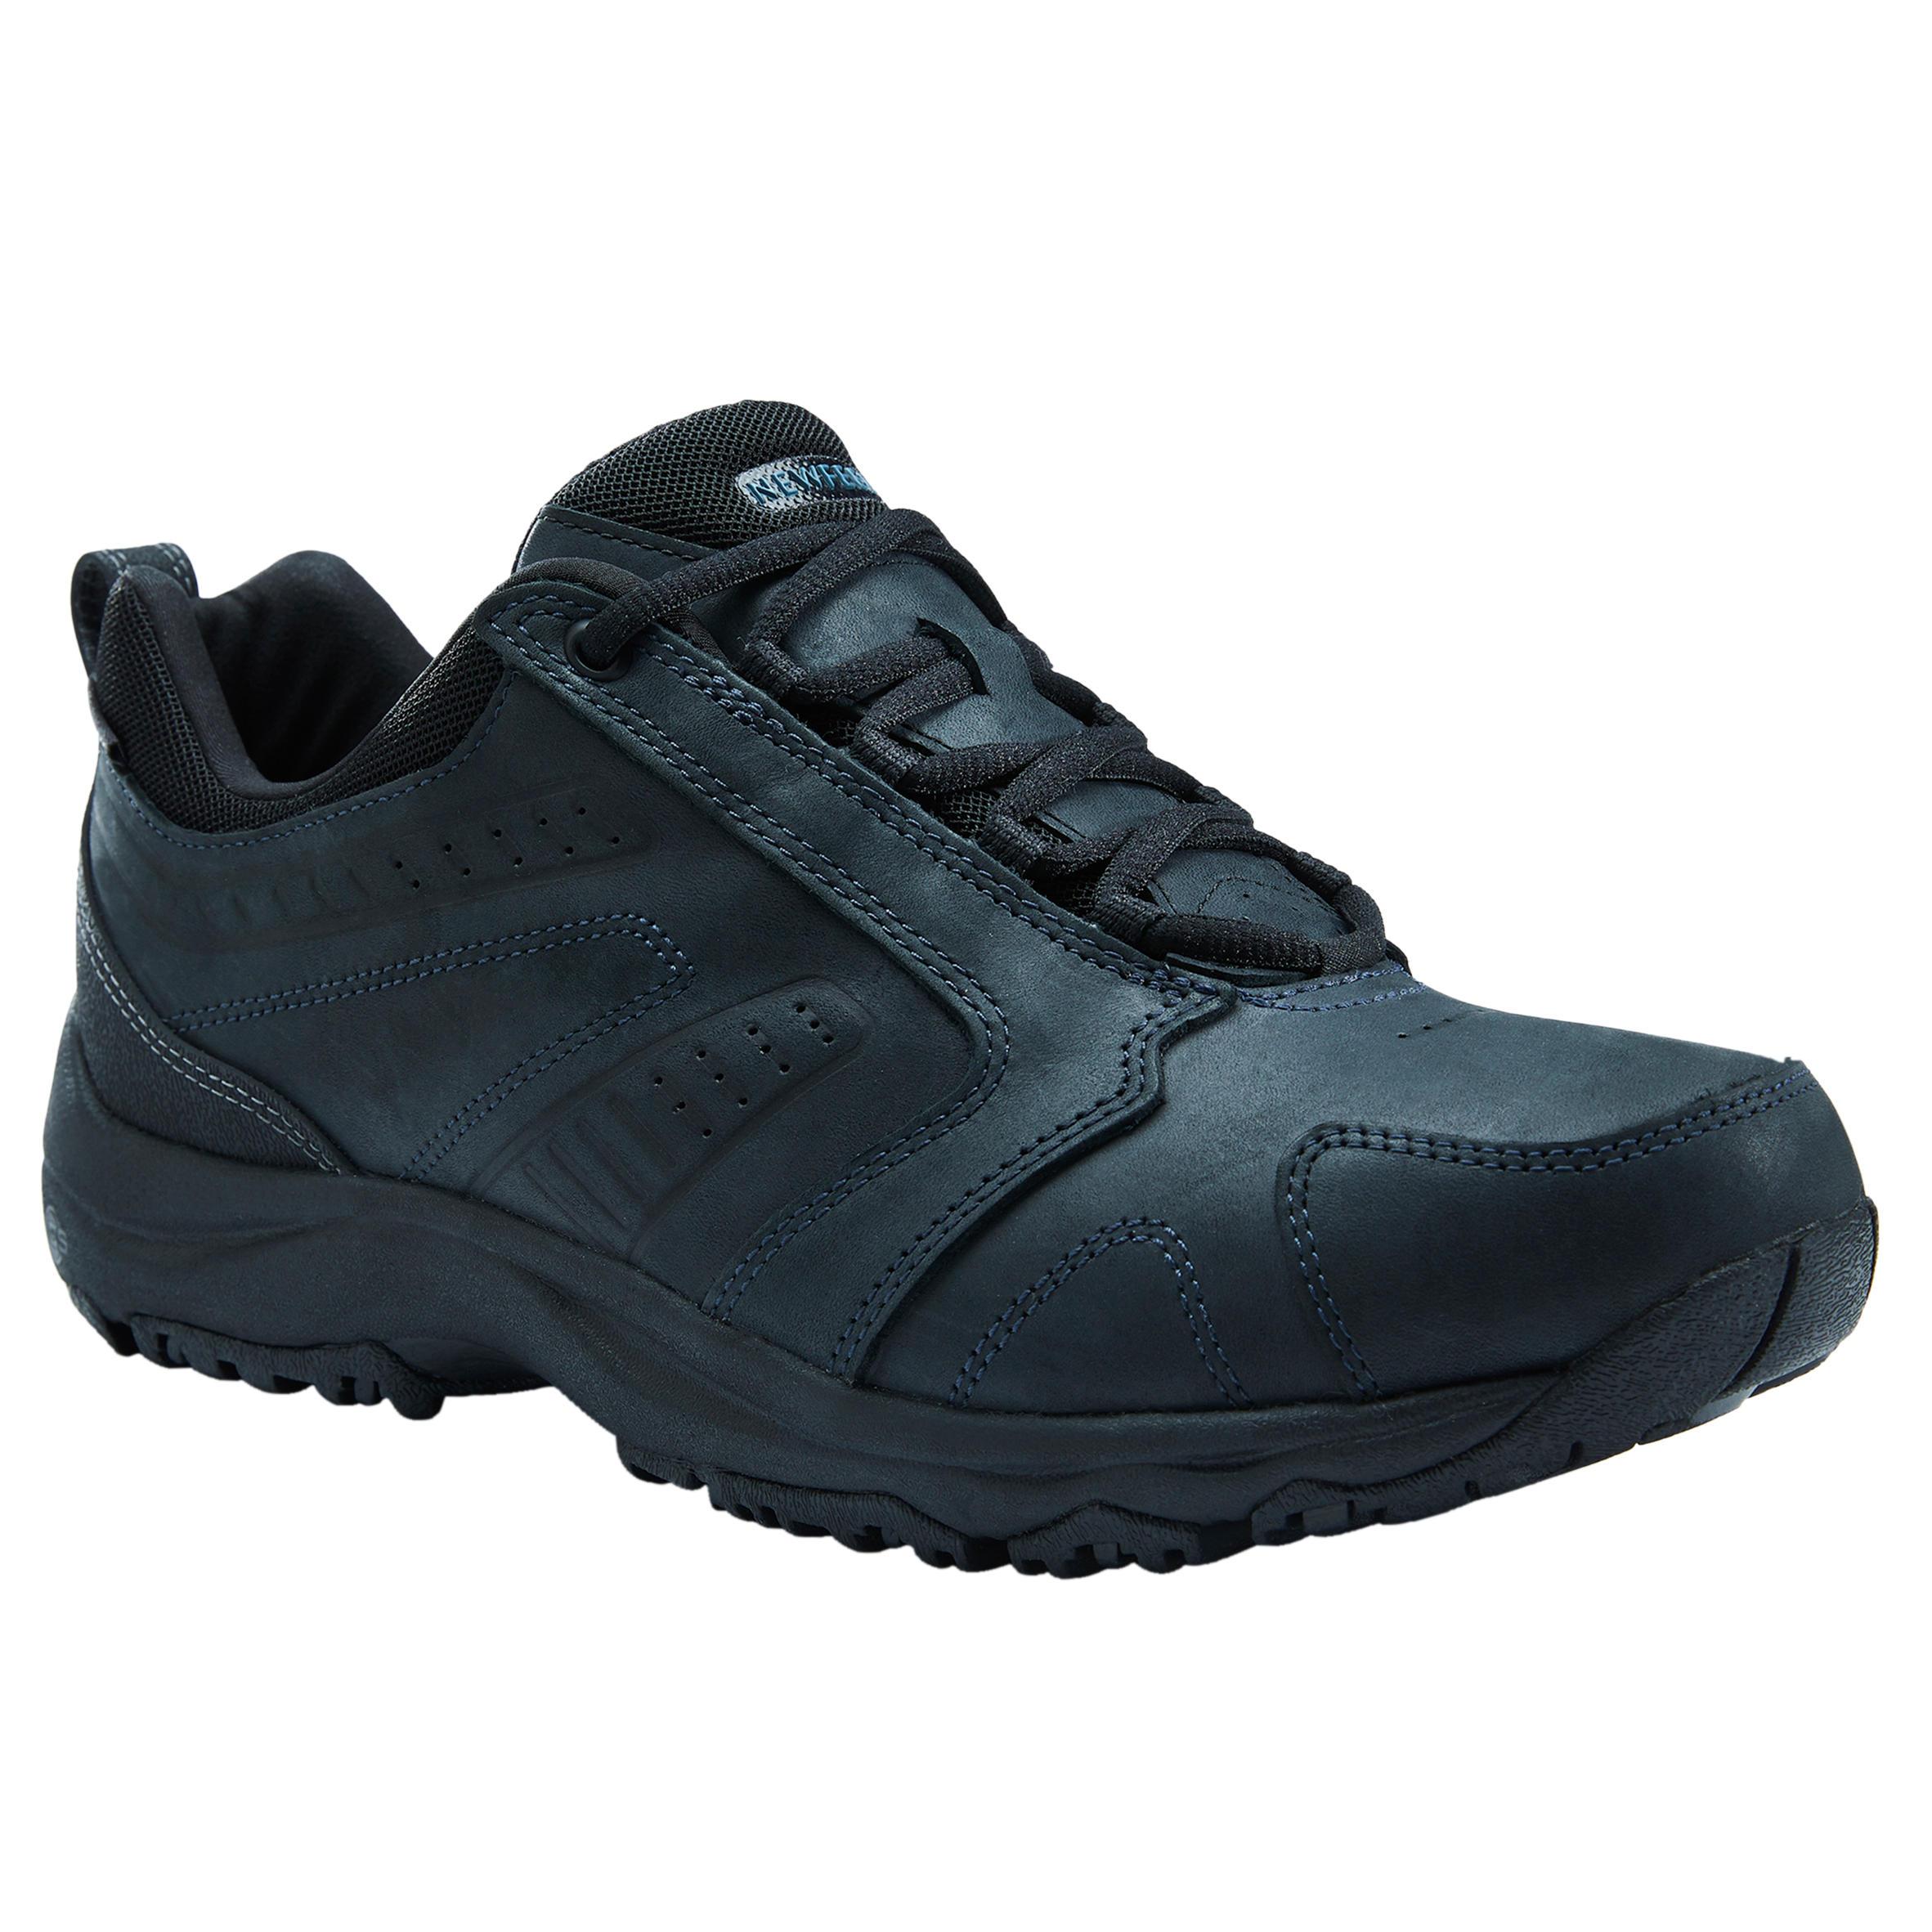 NEWFEEL Chaussures marche sportive homme Nakuru Waterproof imperméable cuir noir - NEWFEEL - 41